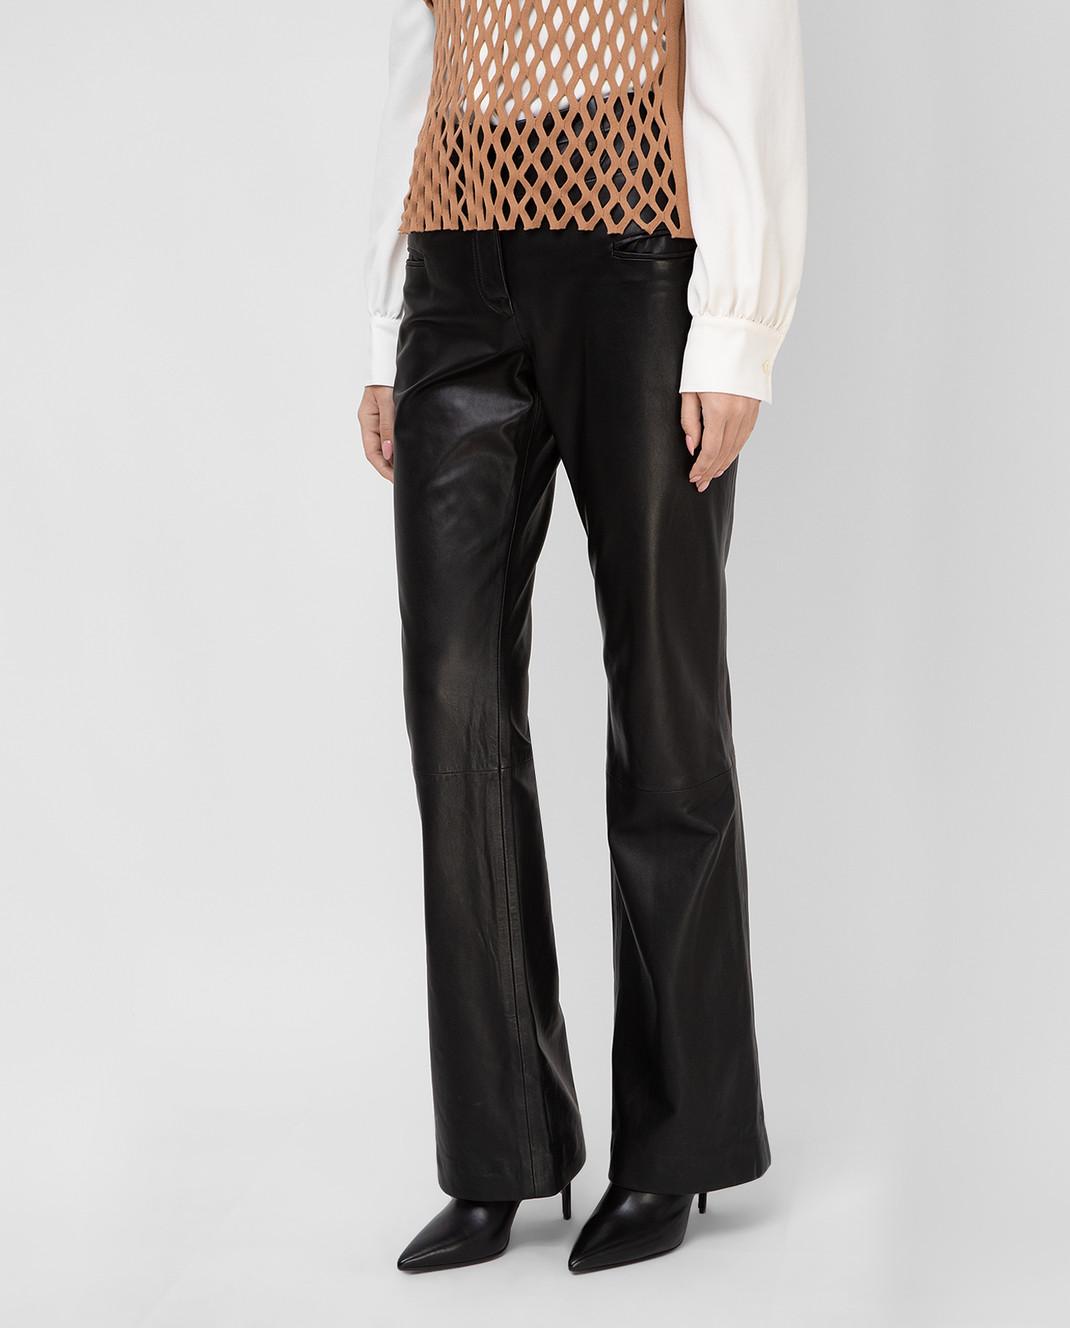 Altuzarra Черные кожаные брюки 318612796 изображение 3